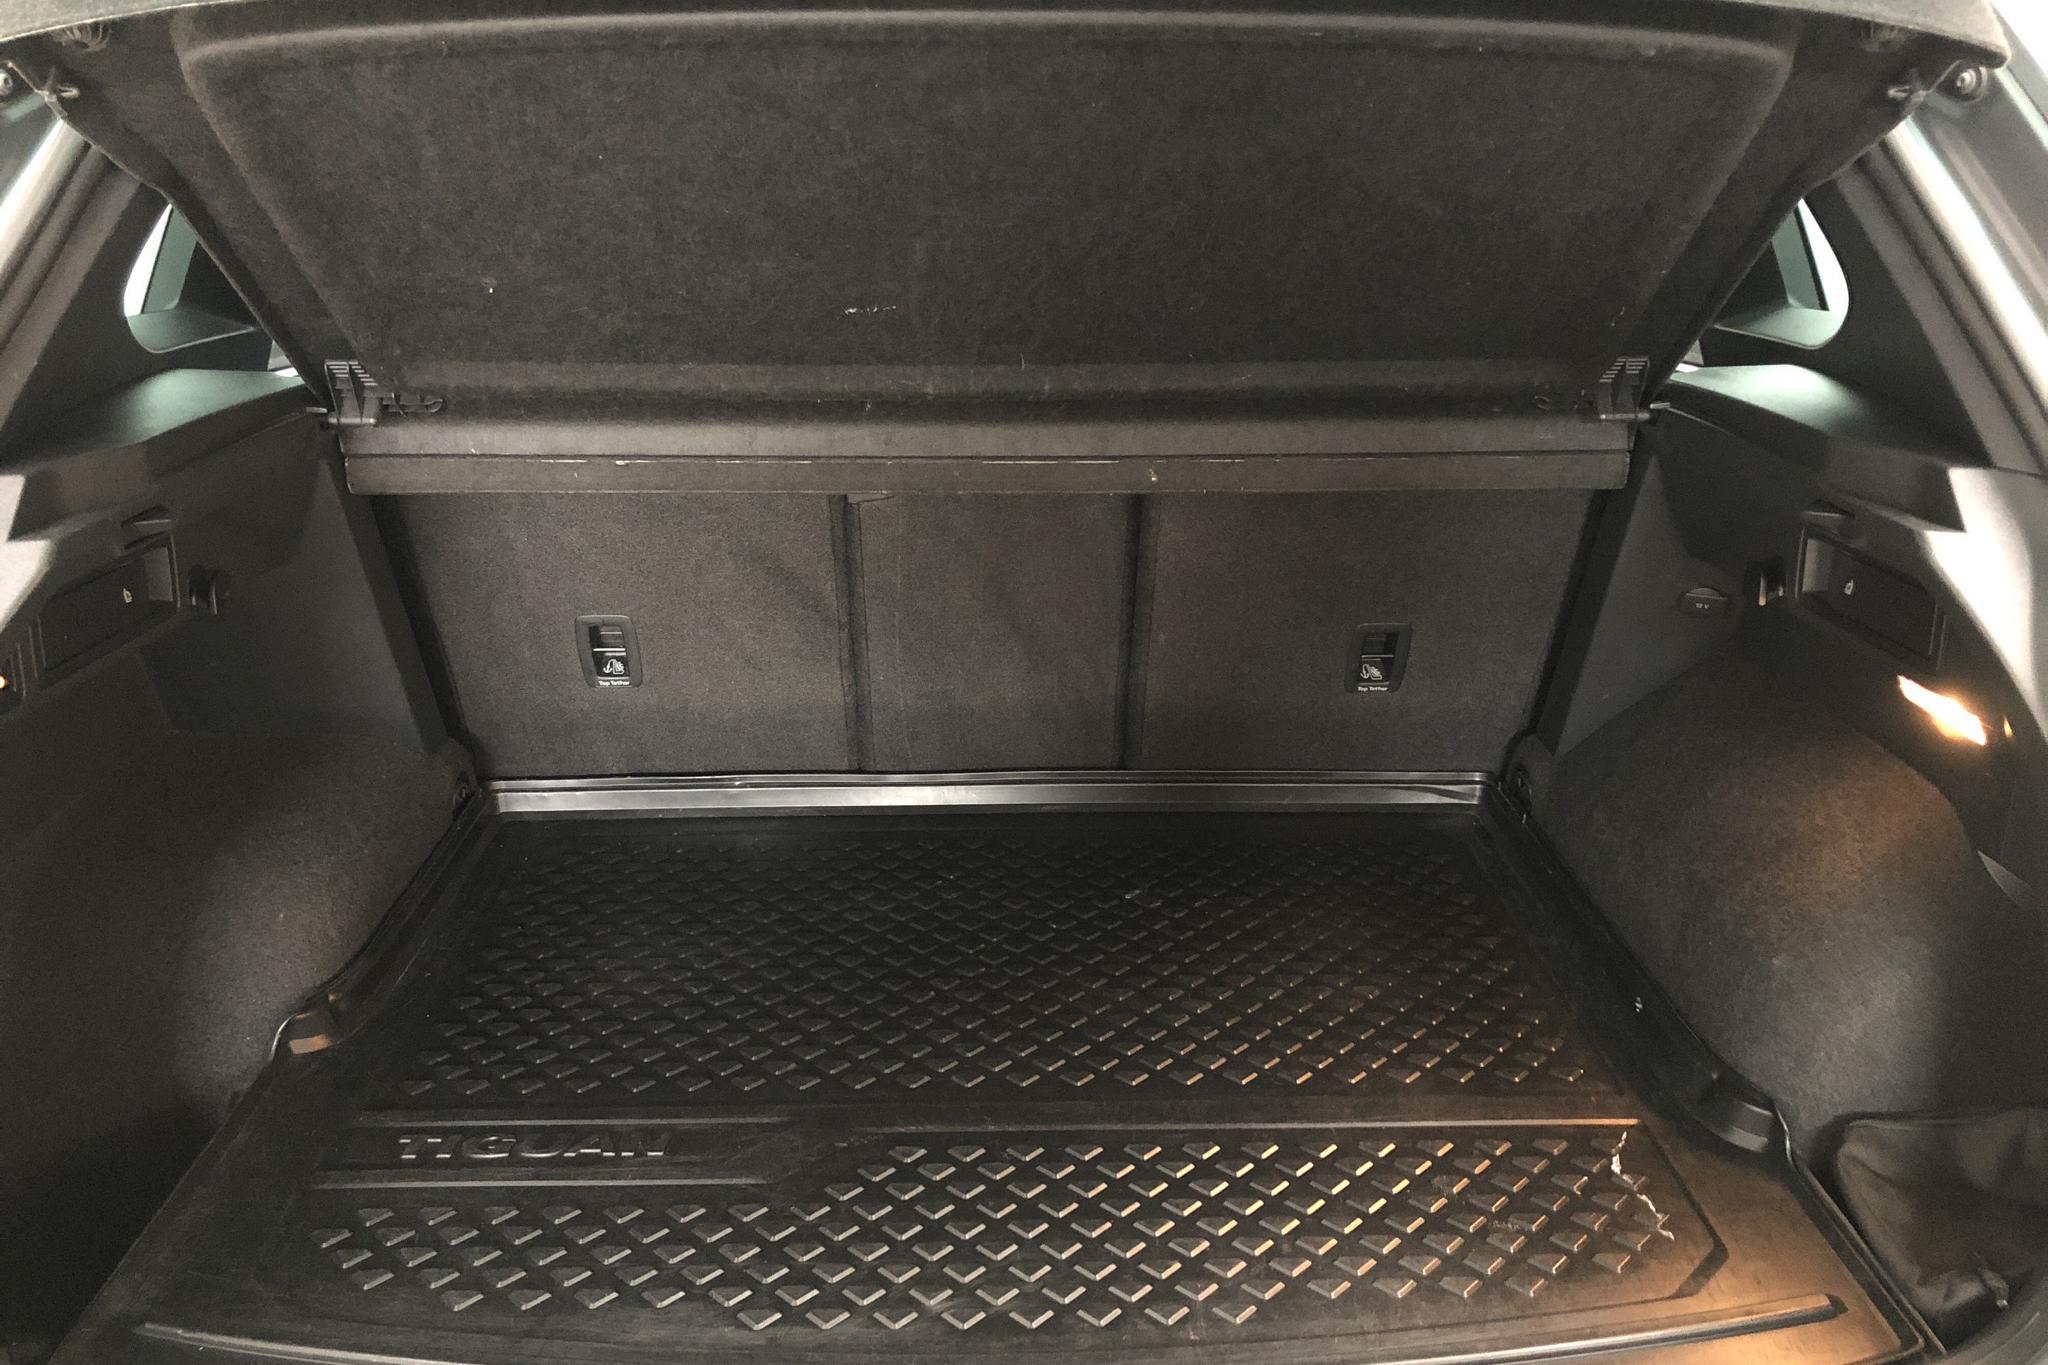 VW Tiguan 2.0 TDI 4MOTION (190hk) - 53 530 km - Automatic - silver - 2017